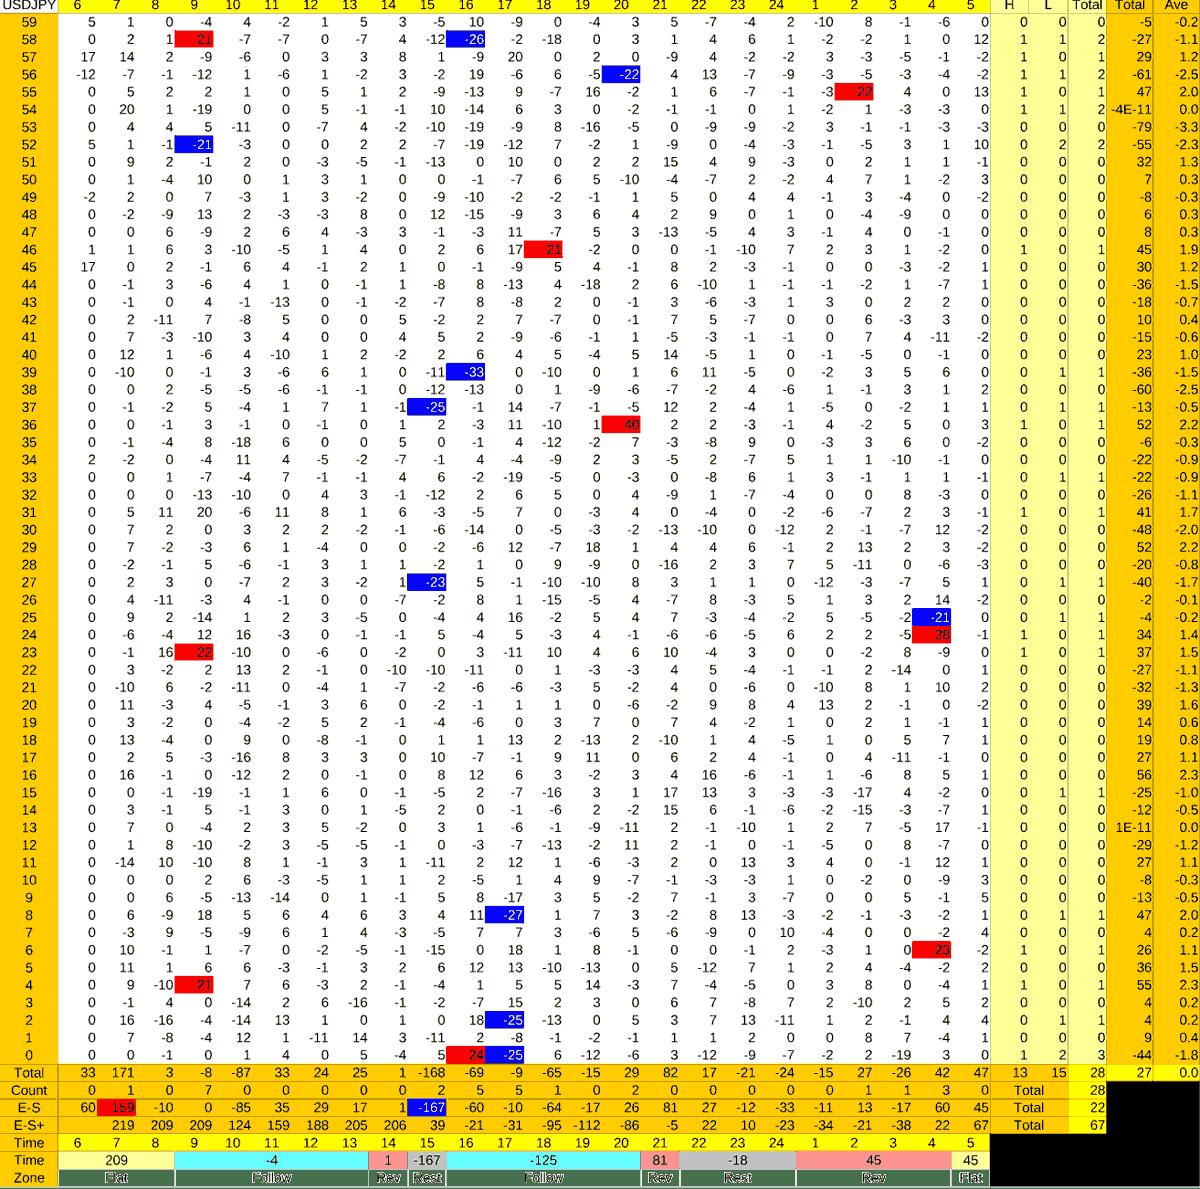 20210705_HS(1)USDJPY-min